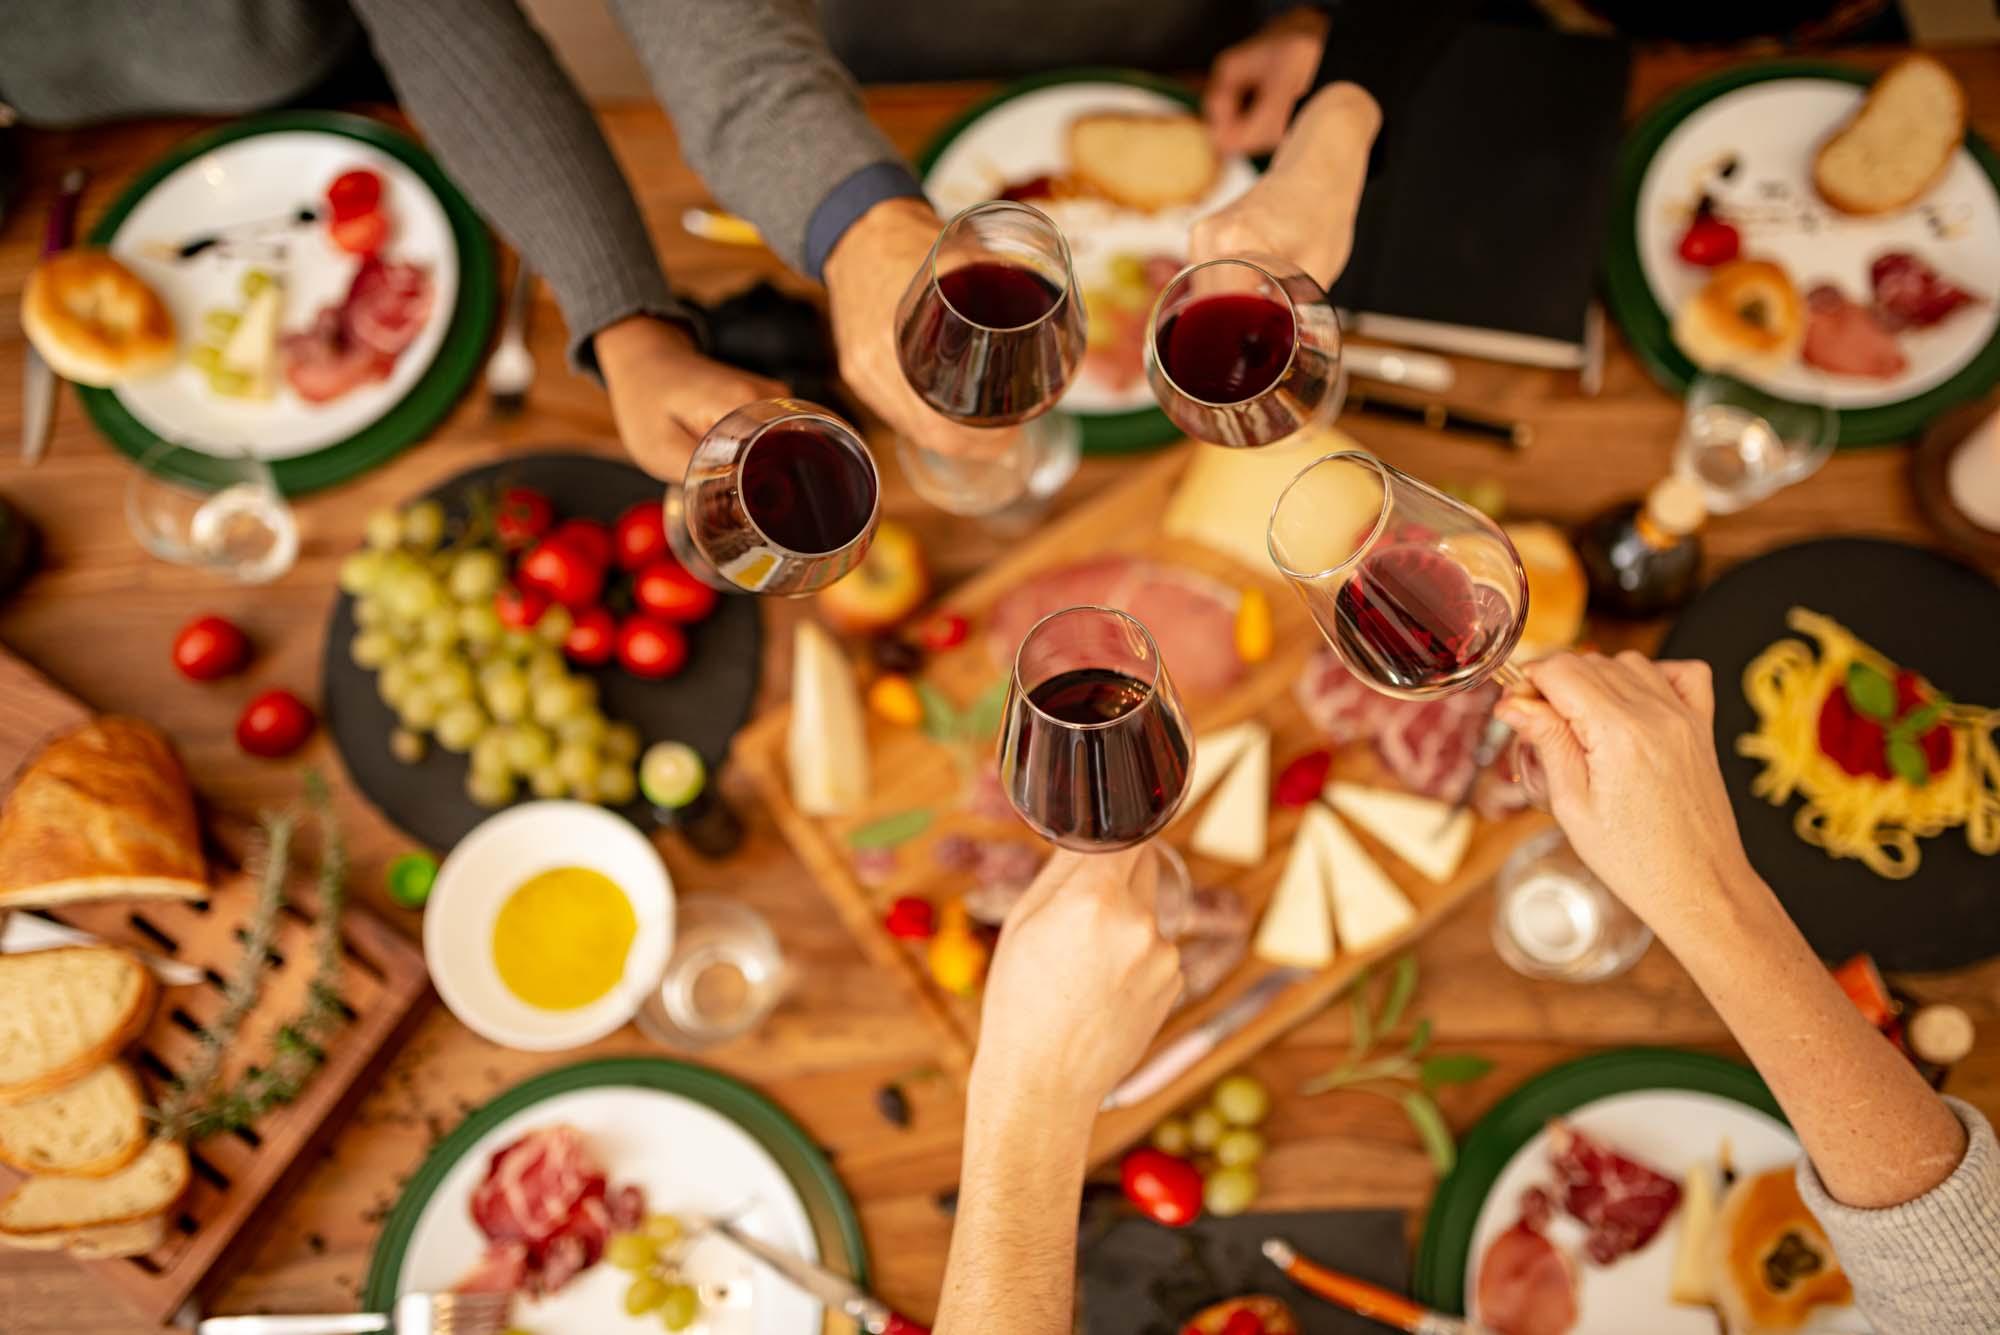 Cucina Amatoriale Cene Aziendali a Catania